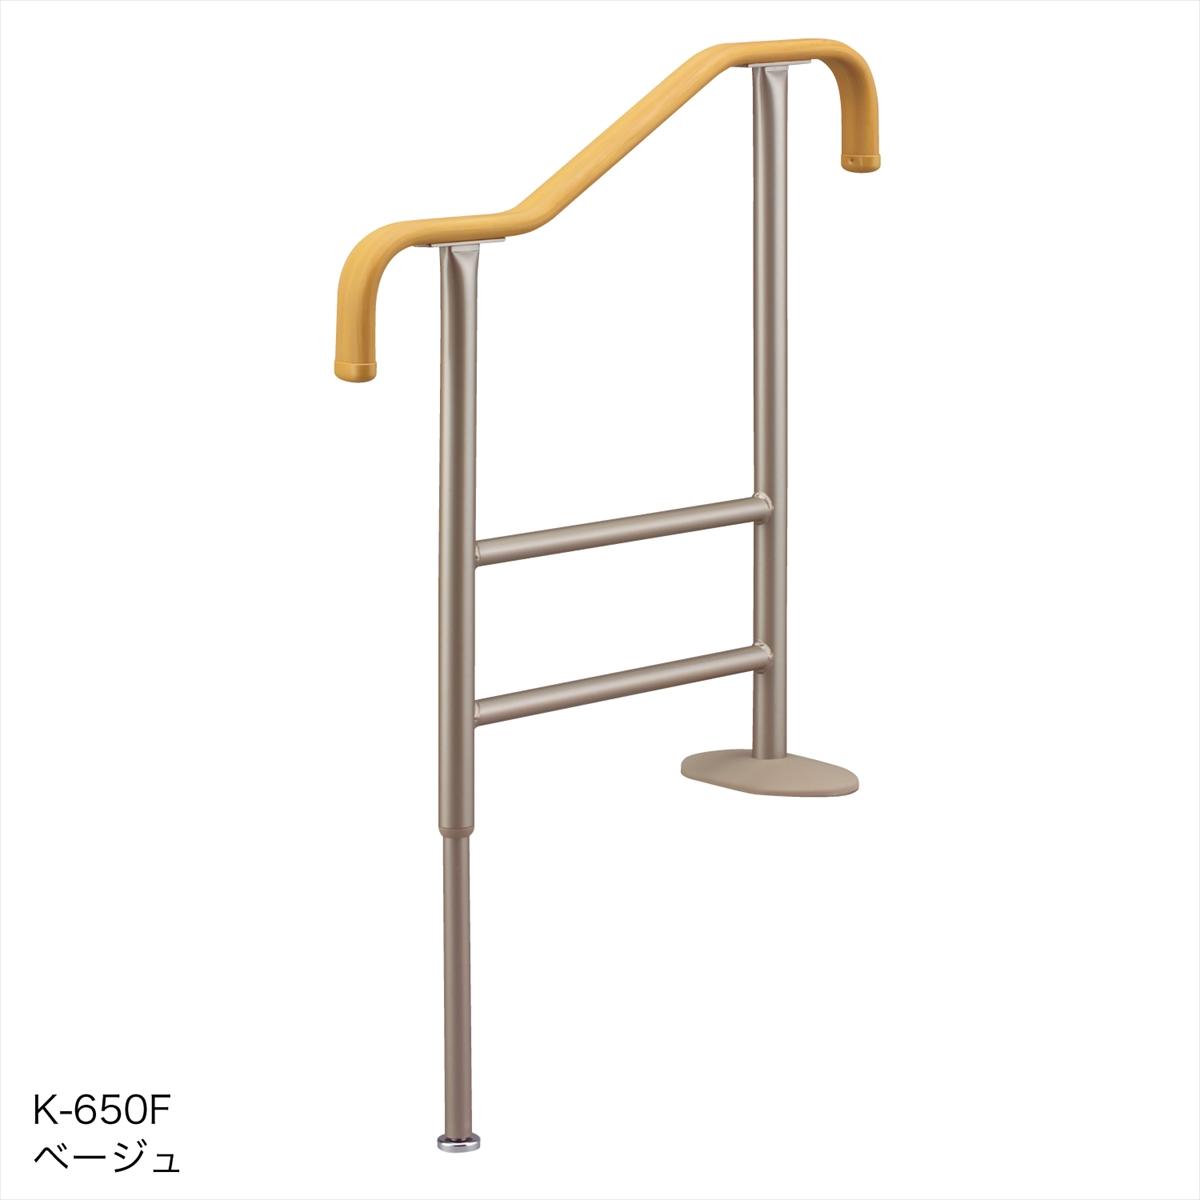 [アロン化成]安寿 上がりかまち用手すり フラット型固定板 K-650F 531-006